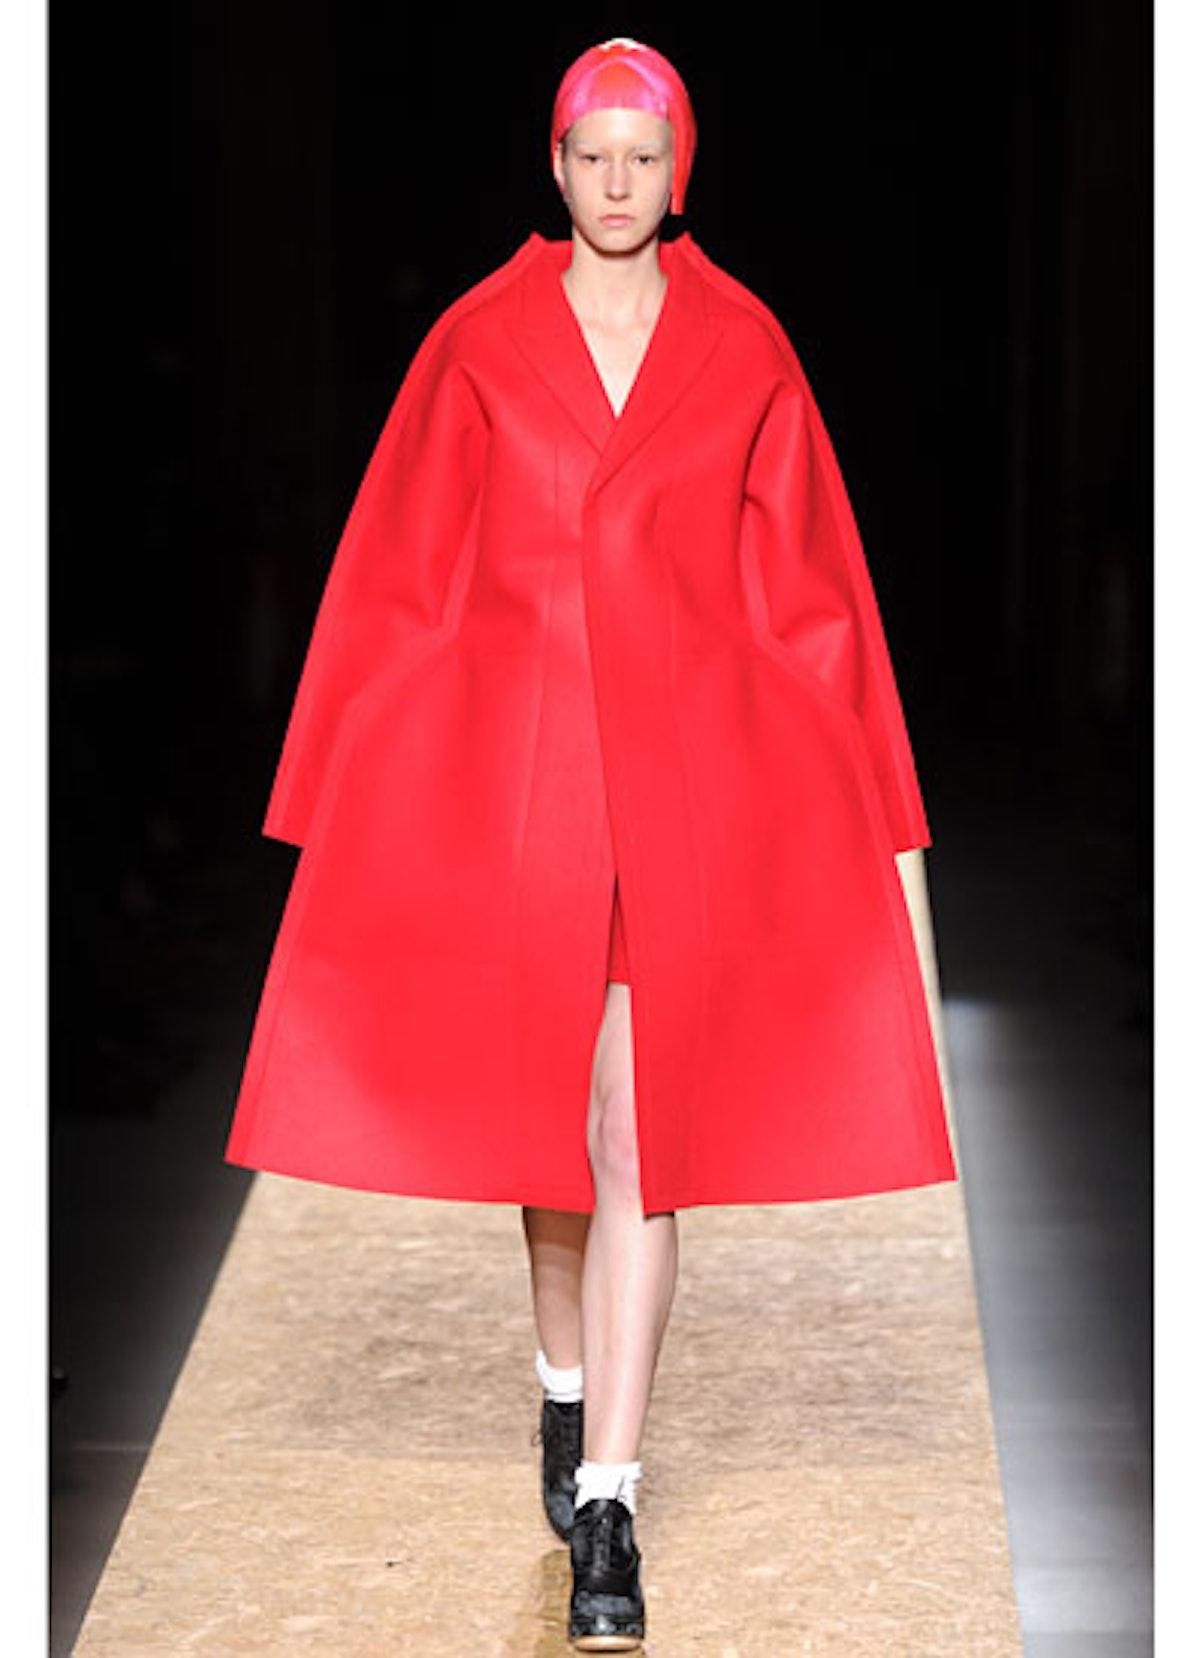 fass-fall-2012-fashion-roundup-28-v.jpg